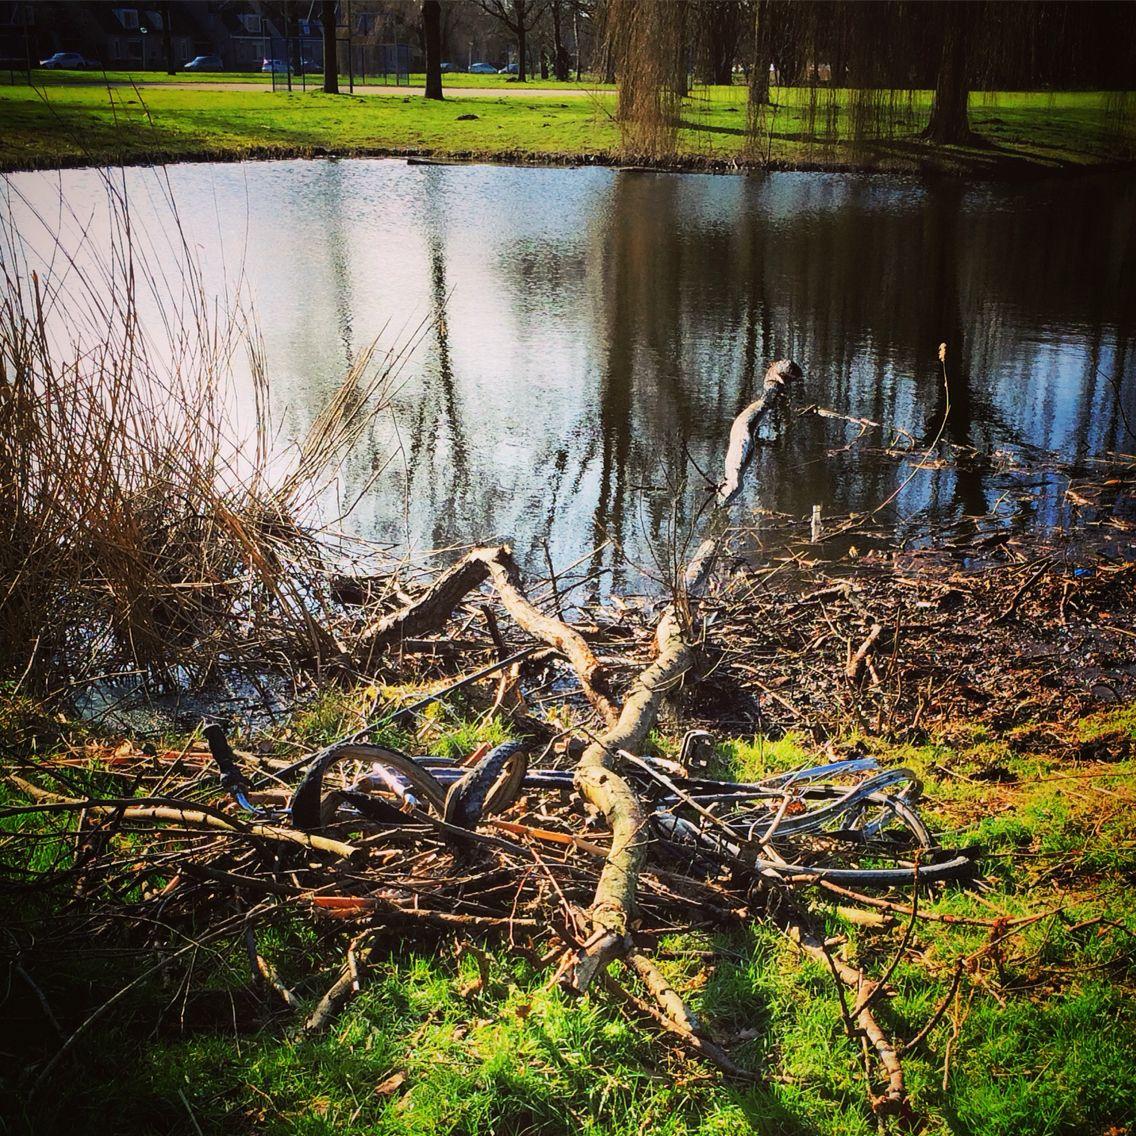 #molenvlietpark #zwijndrecht